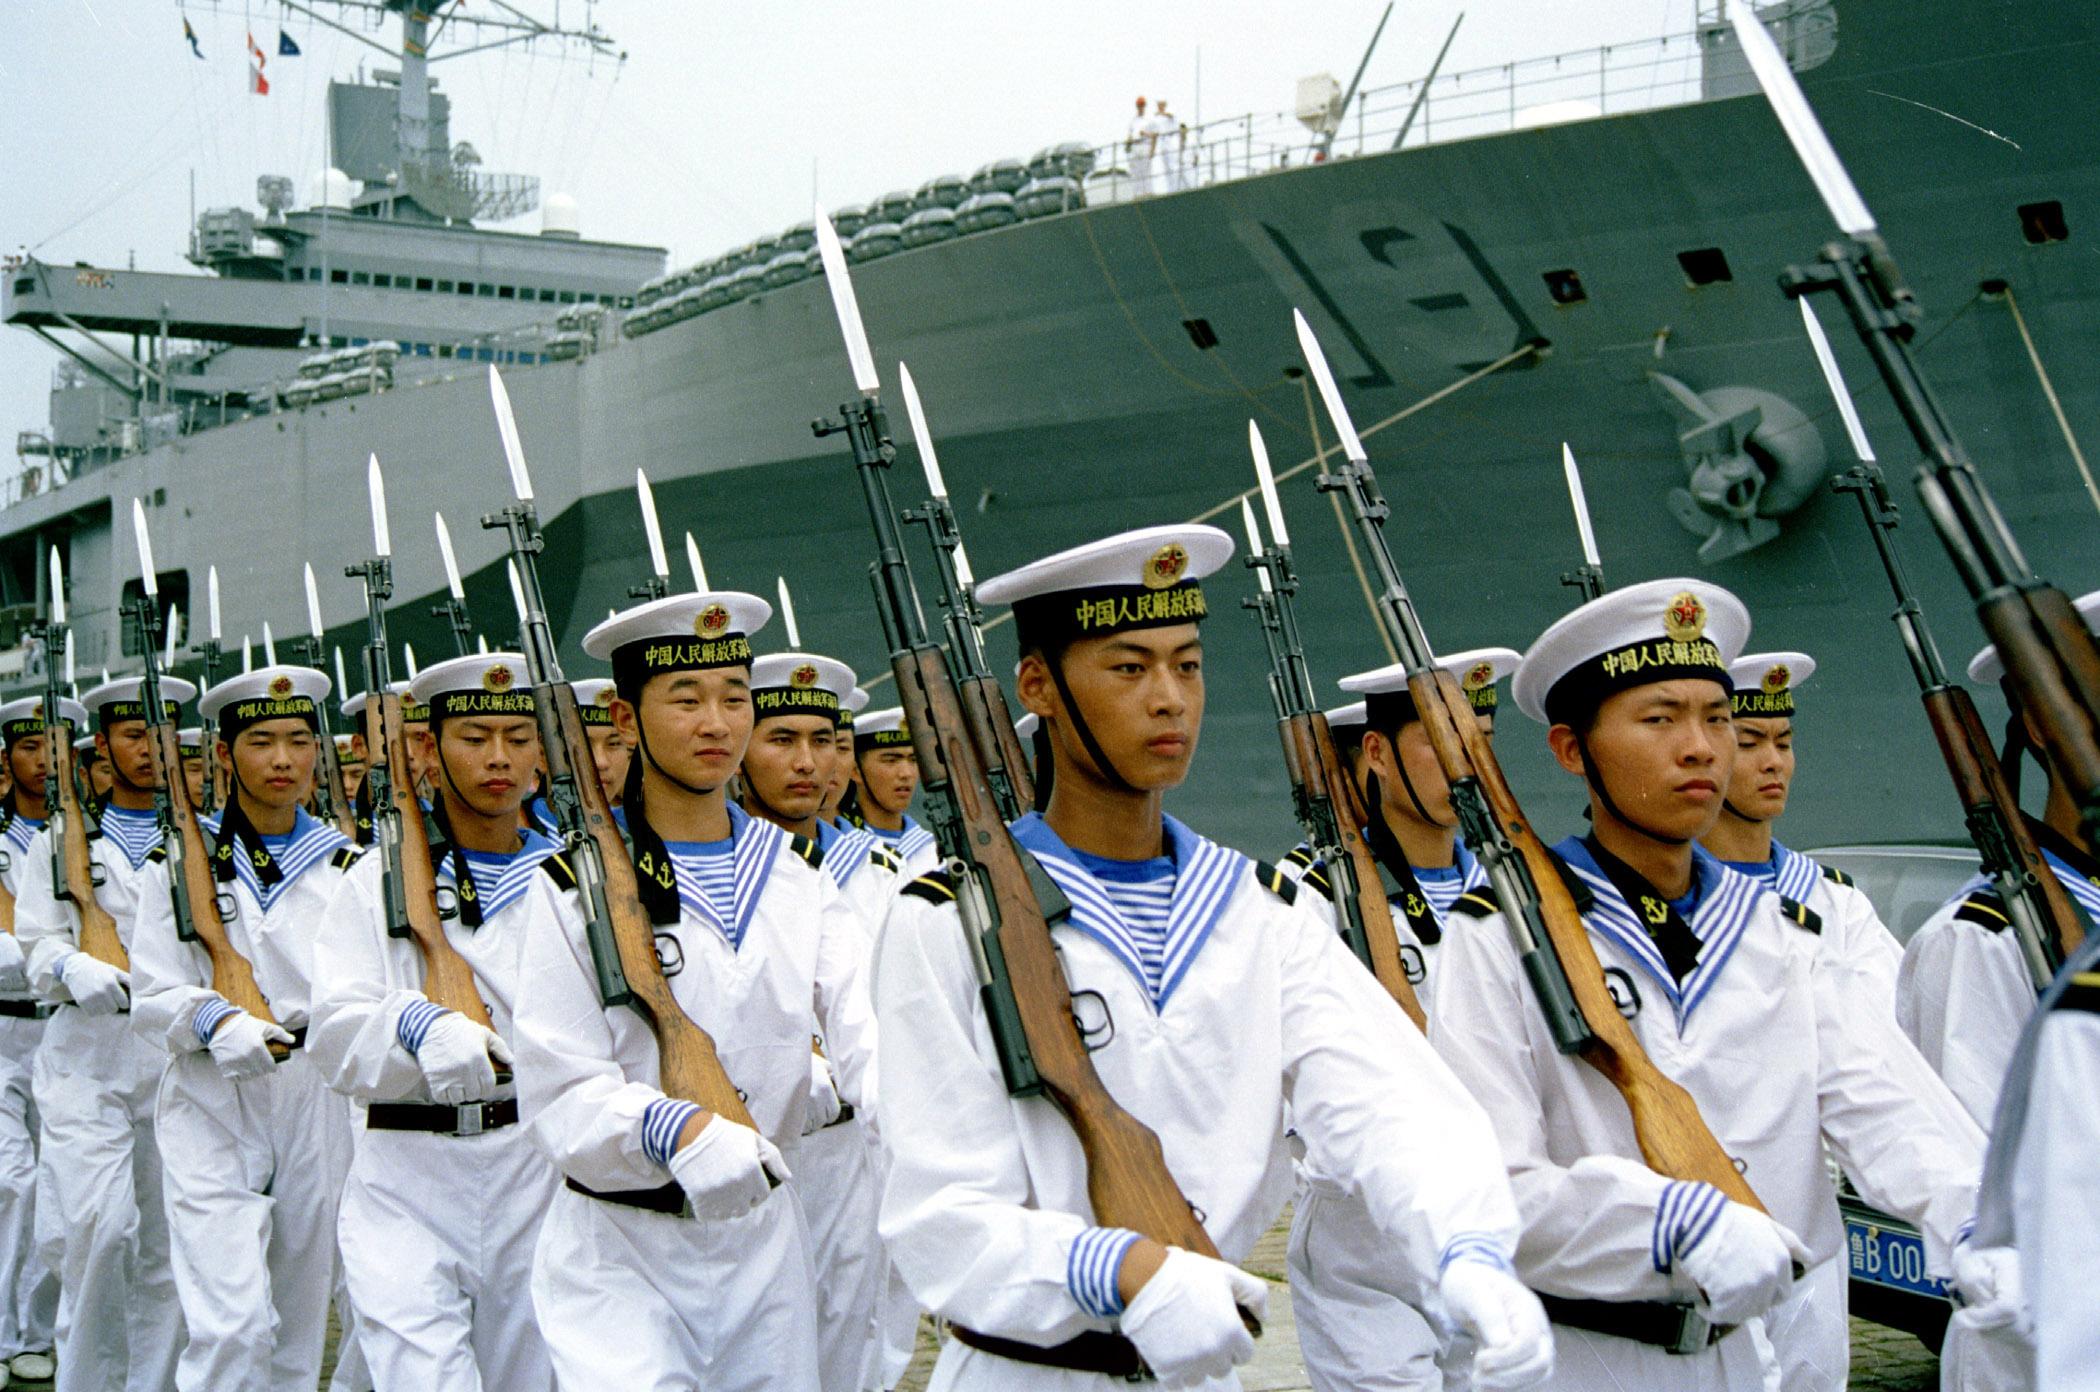 File:PLAN sailors.jpg